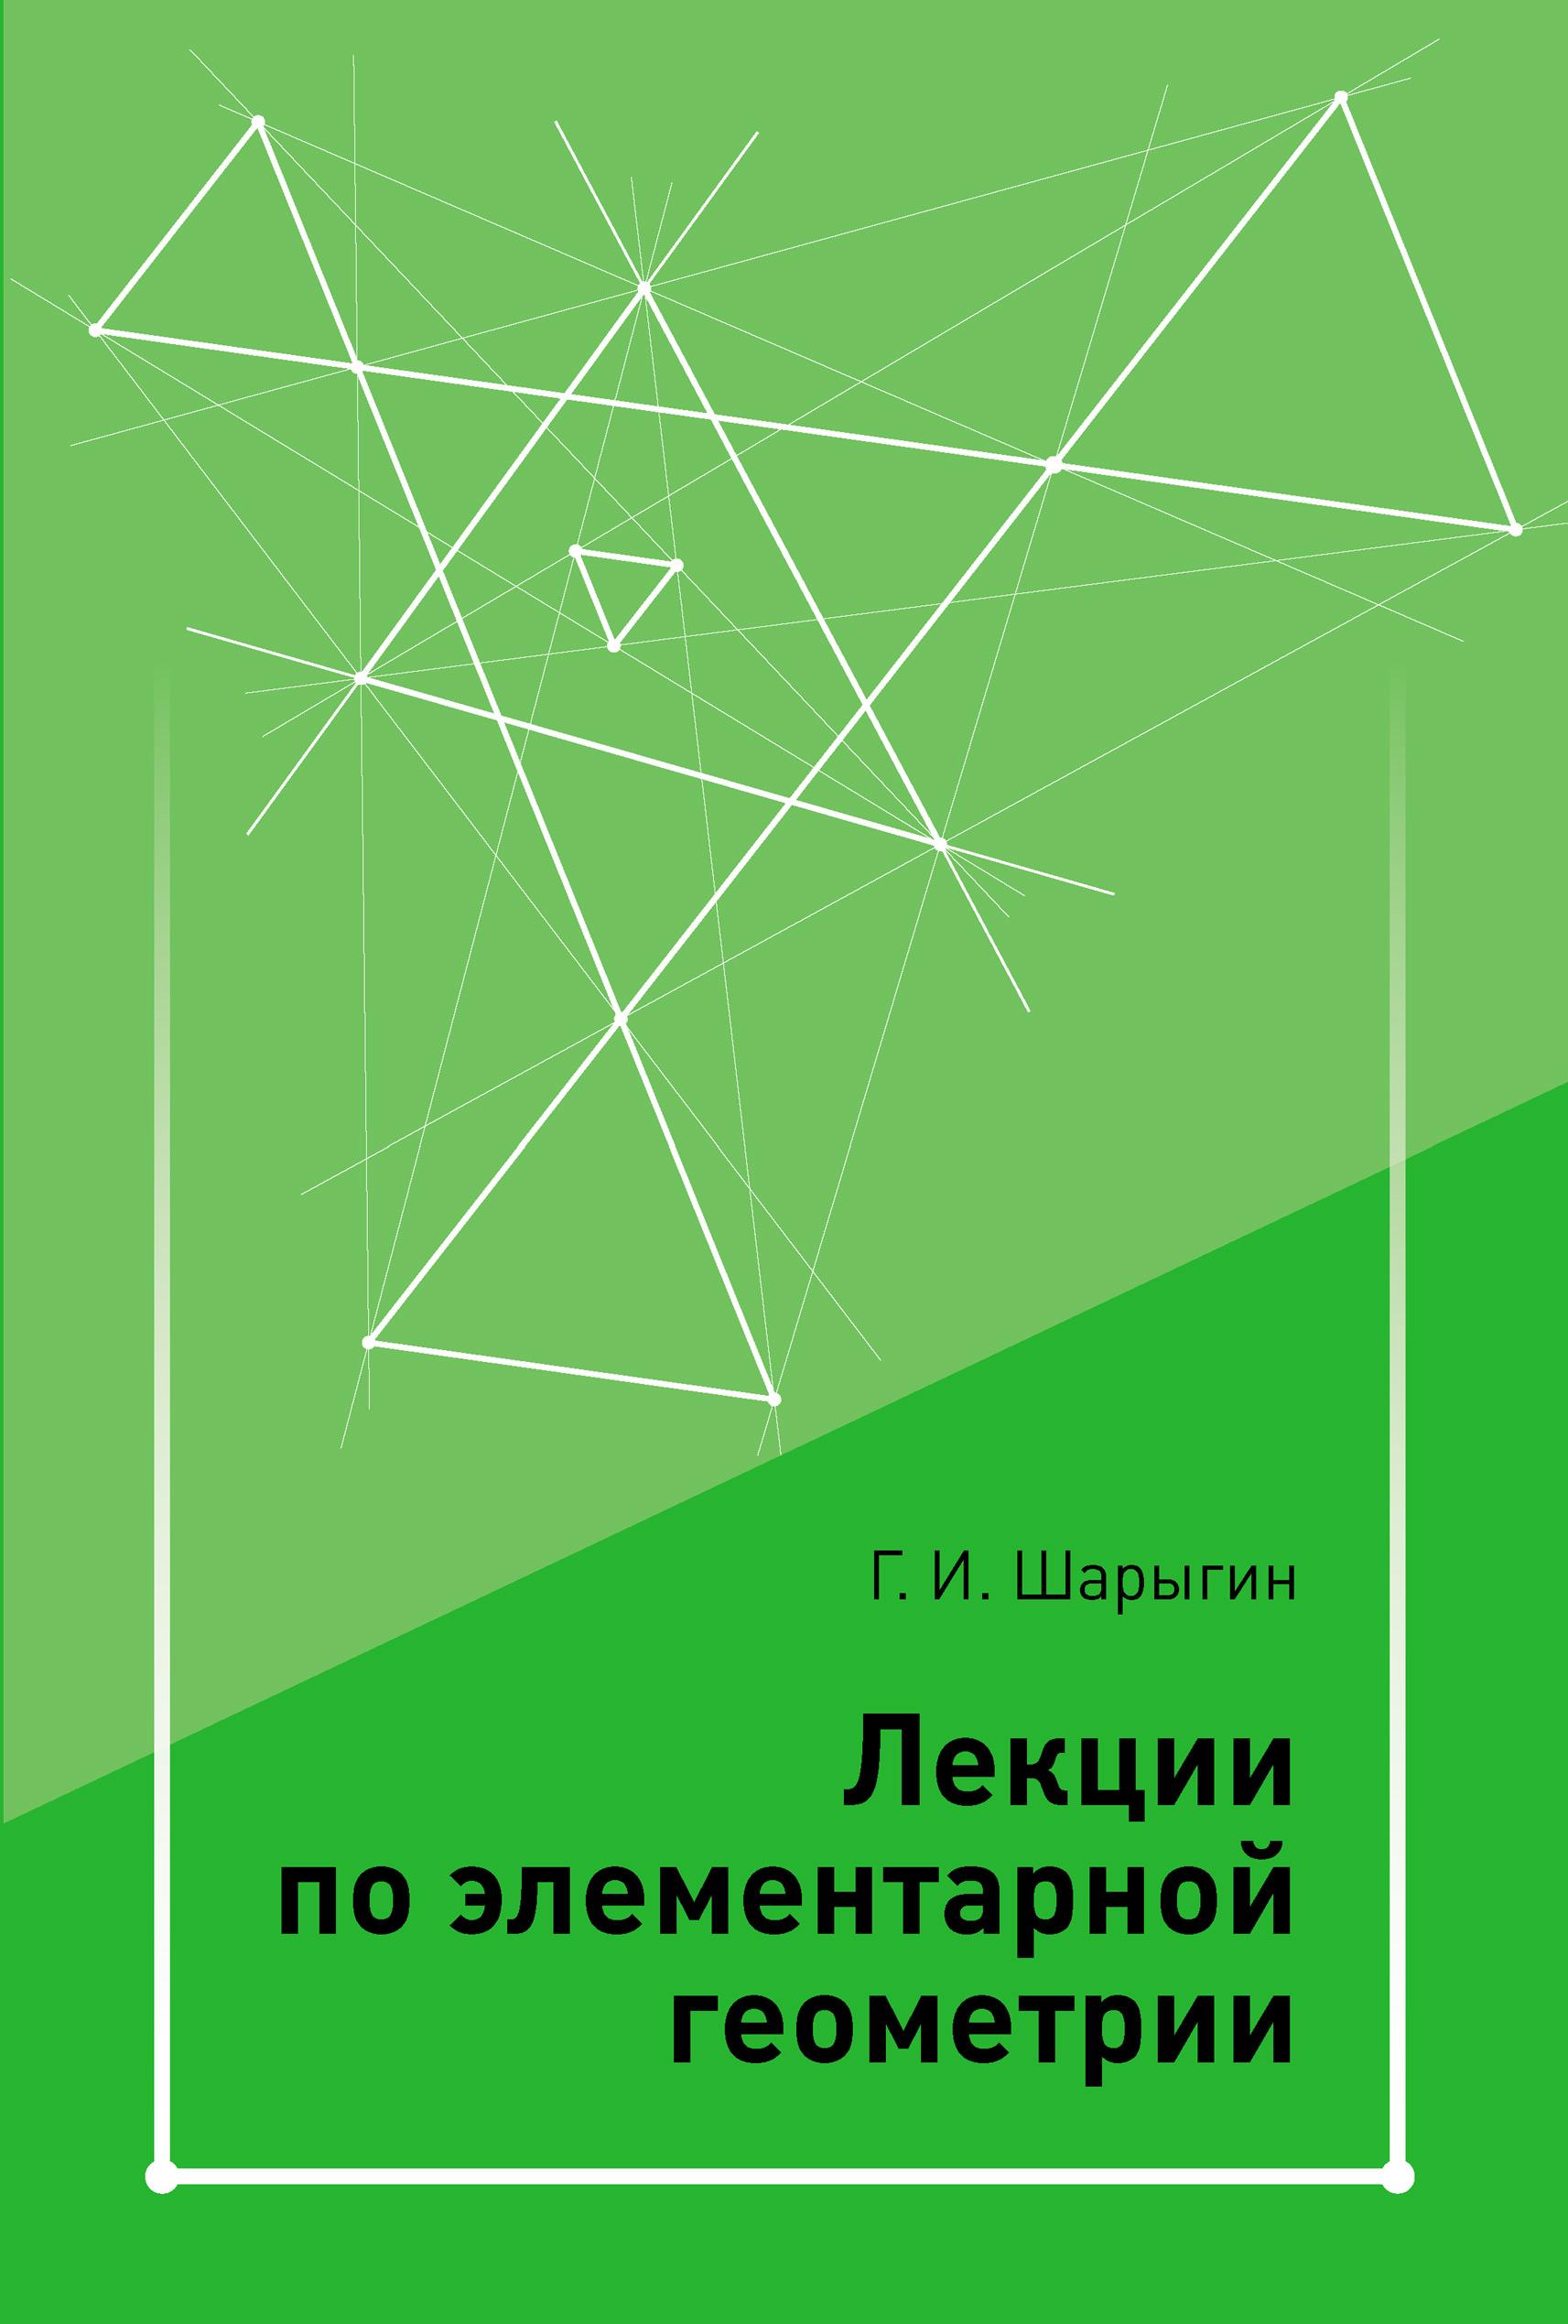 Г. И. Шарыгин Лекции по элементарной геометрии п в чулков практические занятия по элементарной математике 2 й курс